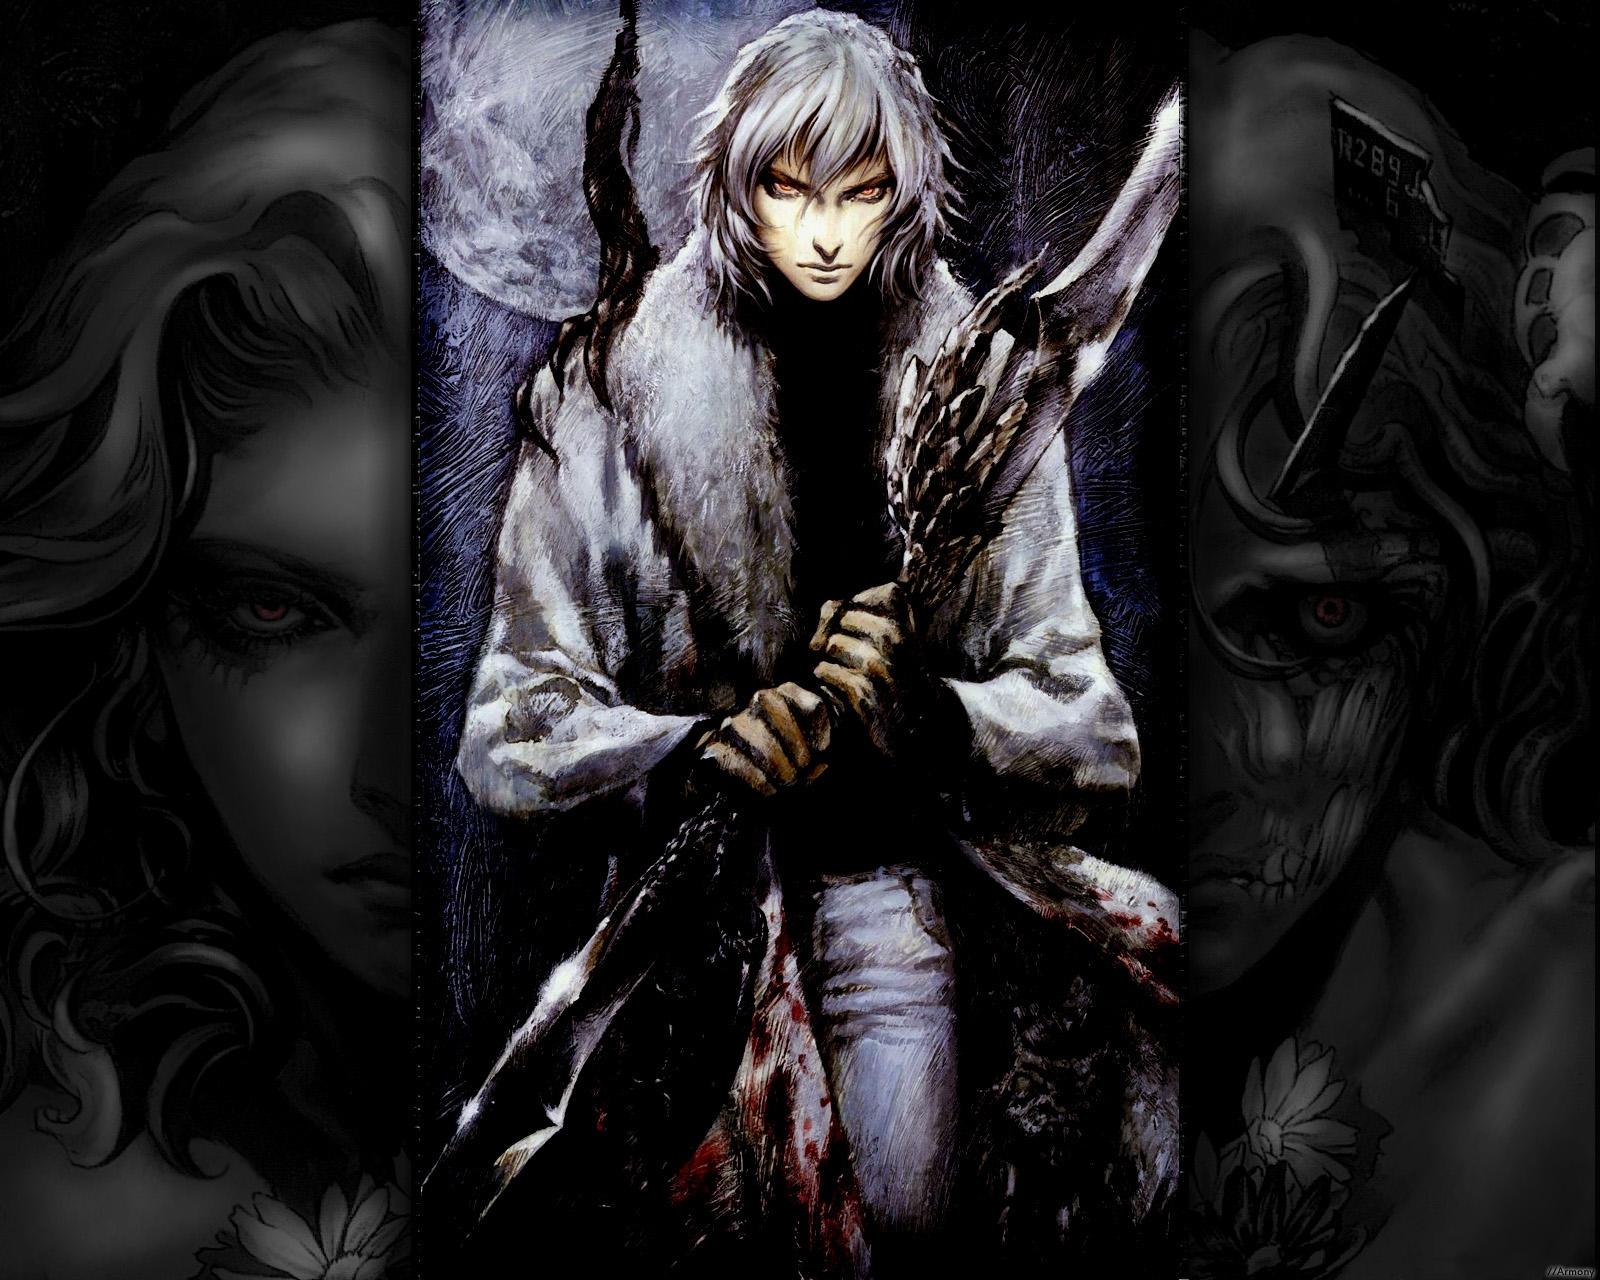 http://2.bp.blogspot.com/--EefXEEBlGA/UQJ_Nrh65sI/AAAAAAAAASI/Pt5sbVwyxww/s1600/cool+anime+wallpaper.jpg